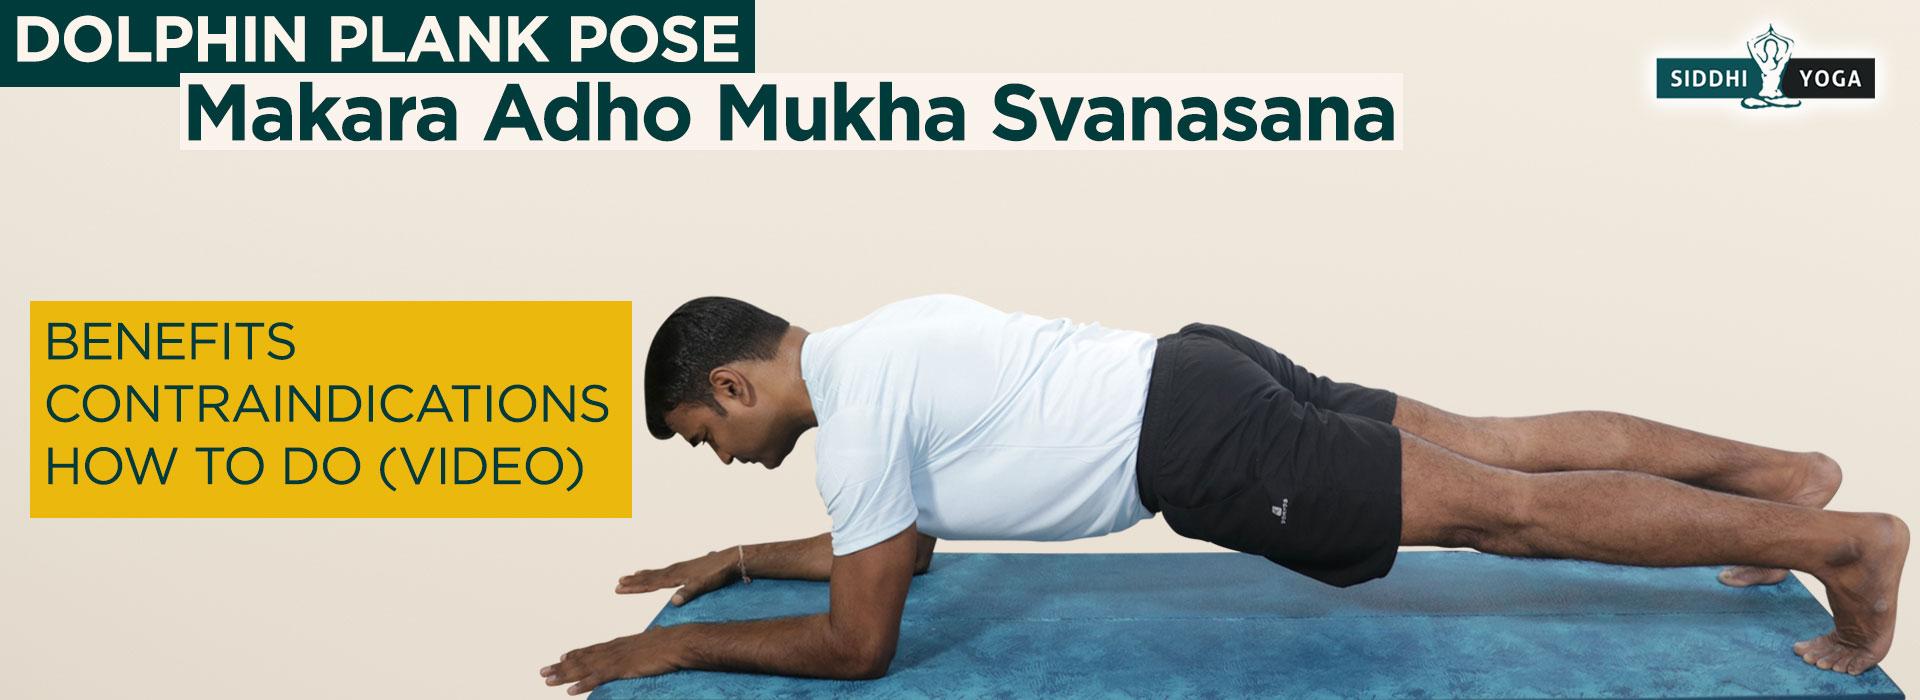 Makara Adho Mukha Svanasana Dolphin Plank Pose How To Do Benefits